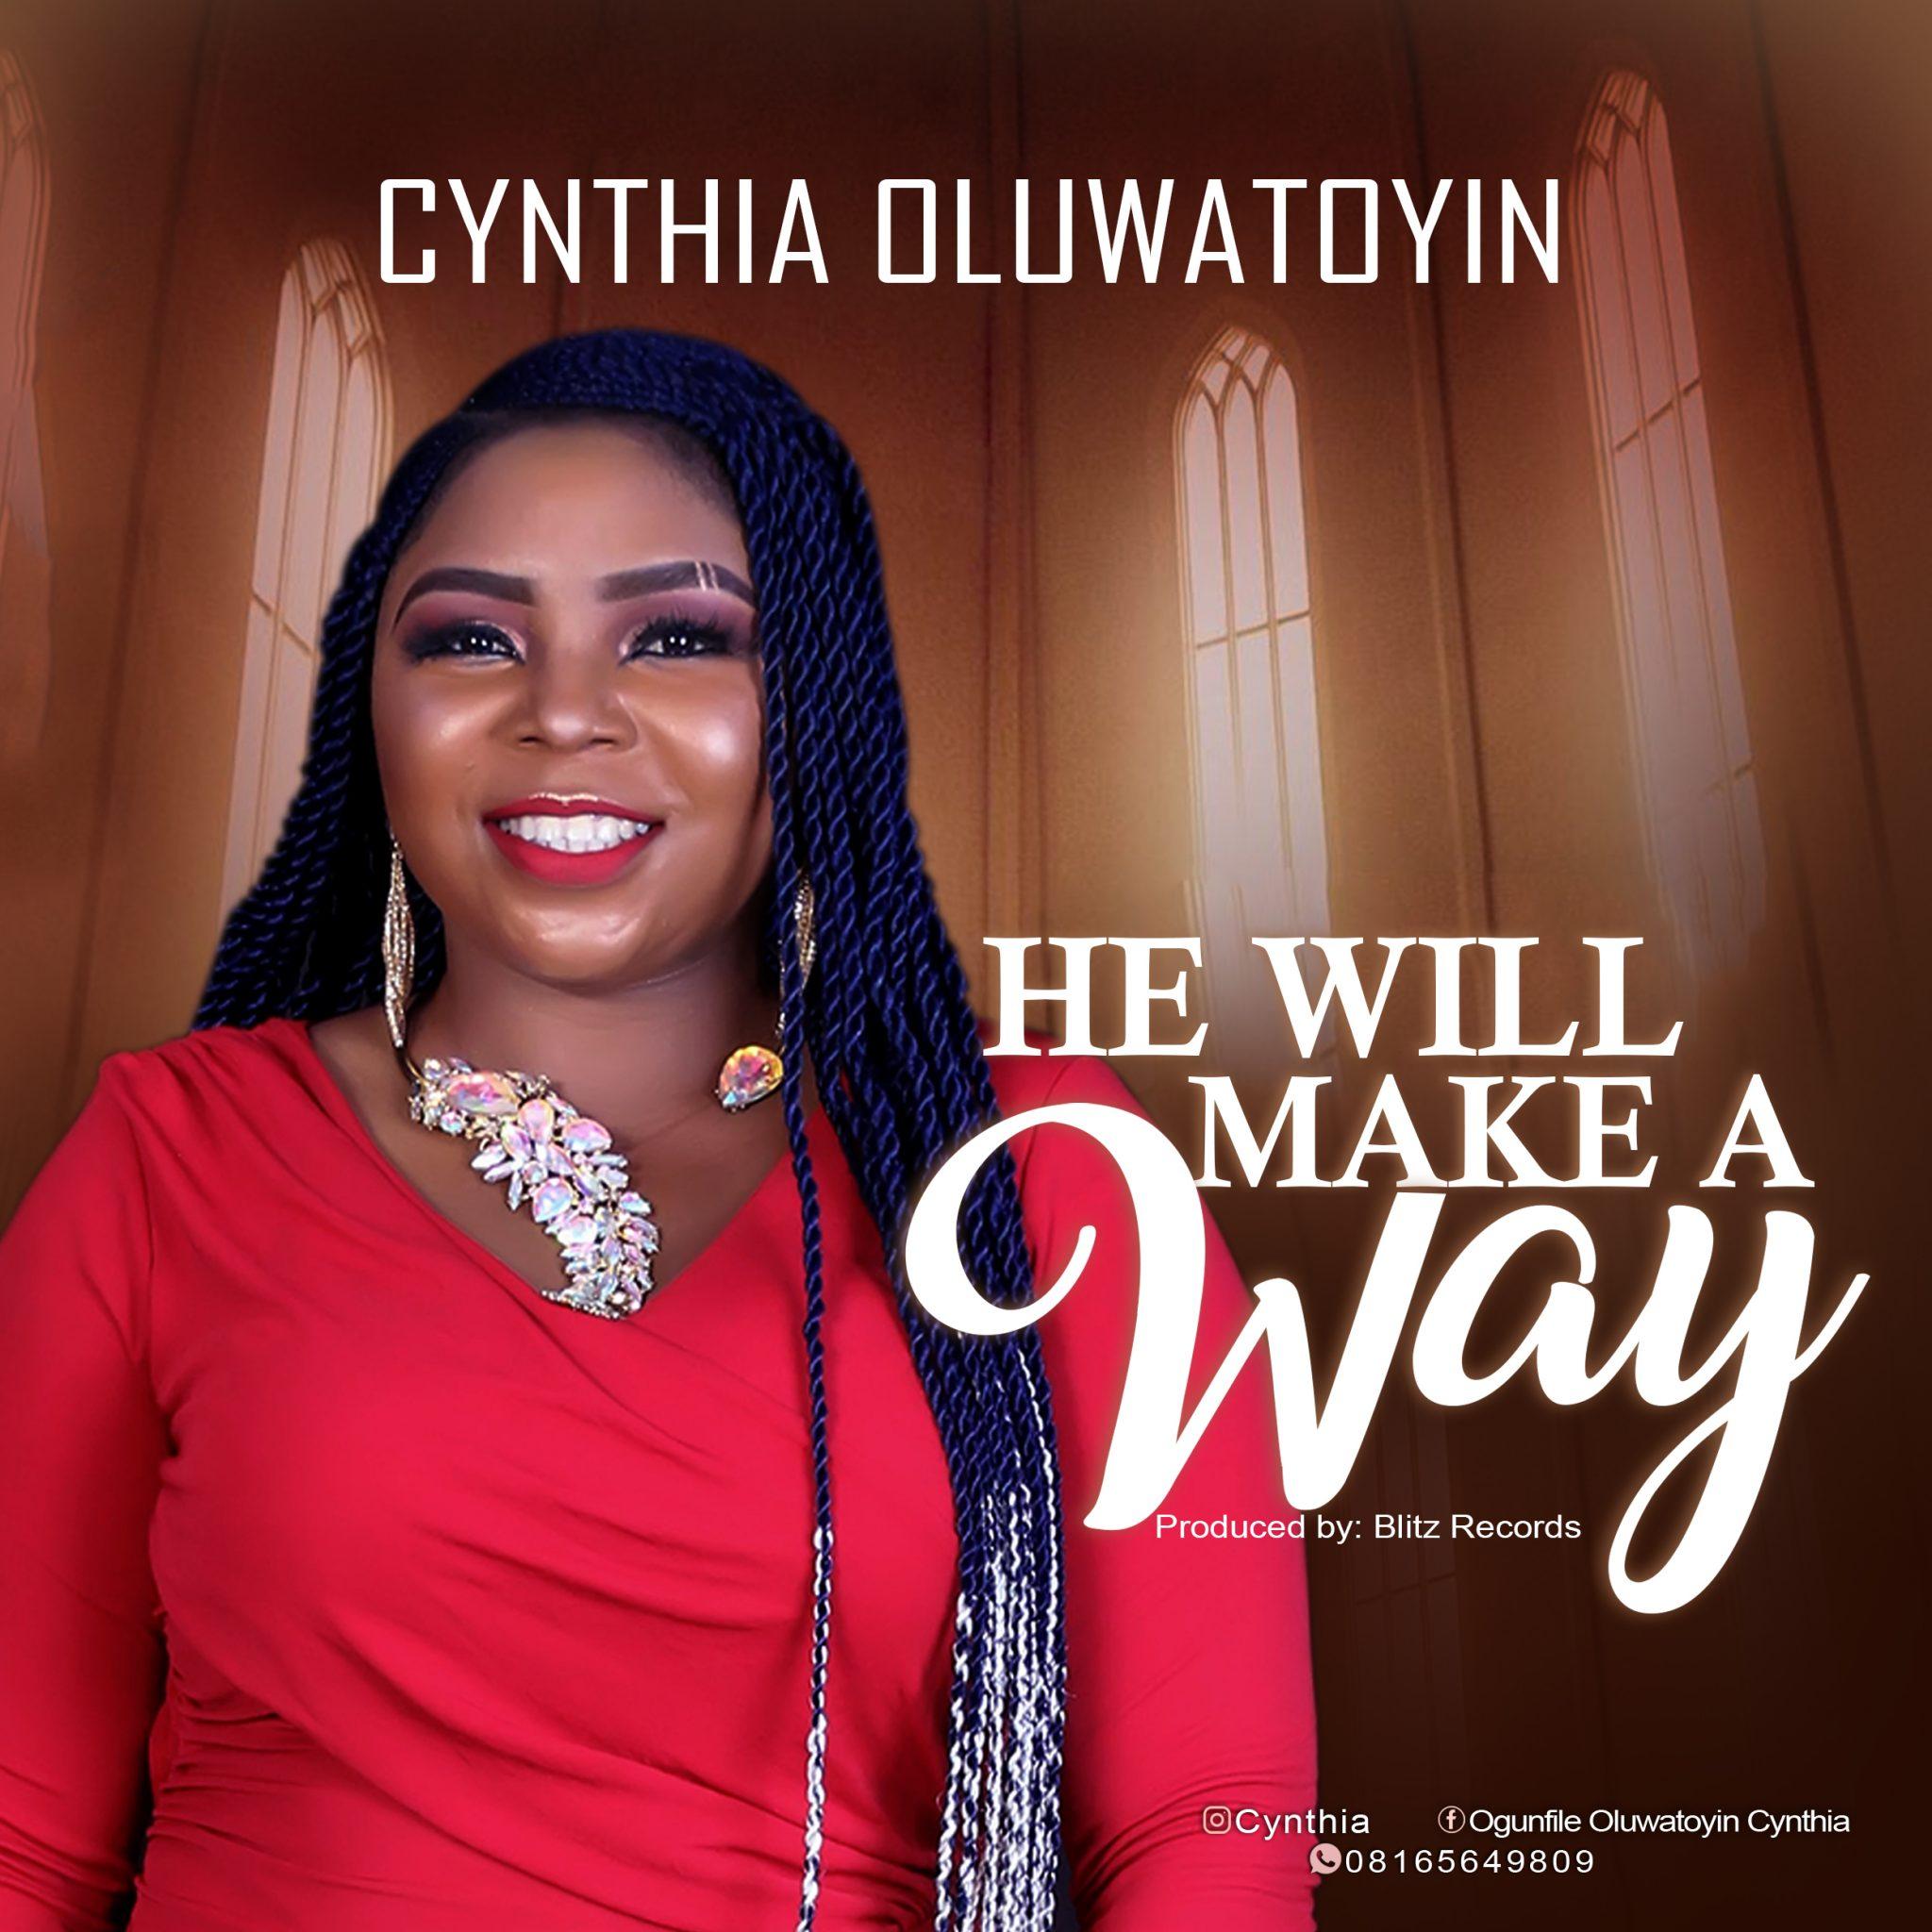 Download Mp3 Cynthia Oluwatoyin - He Will Make a Way